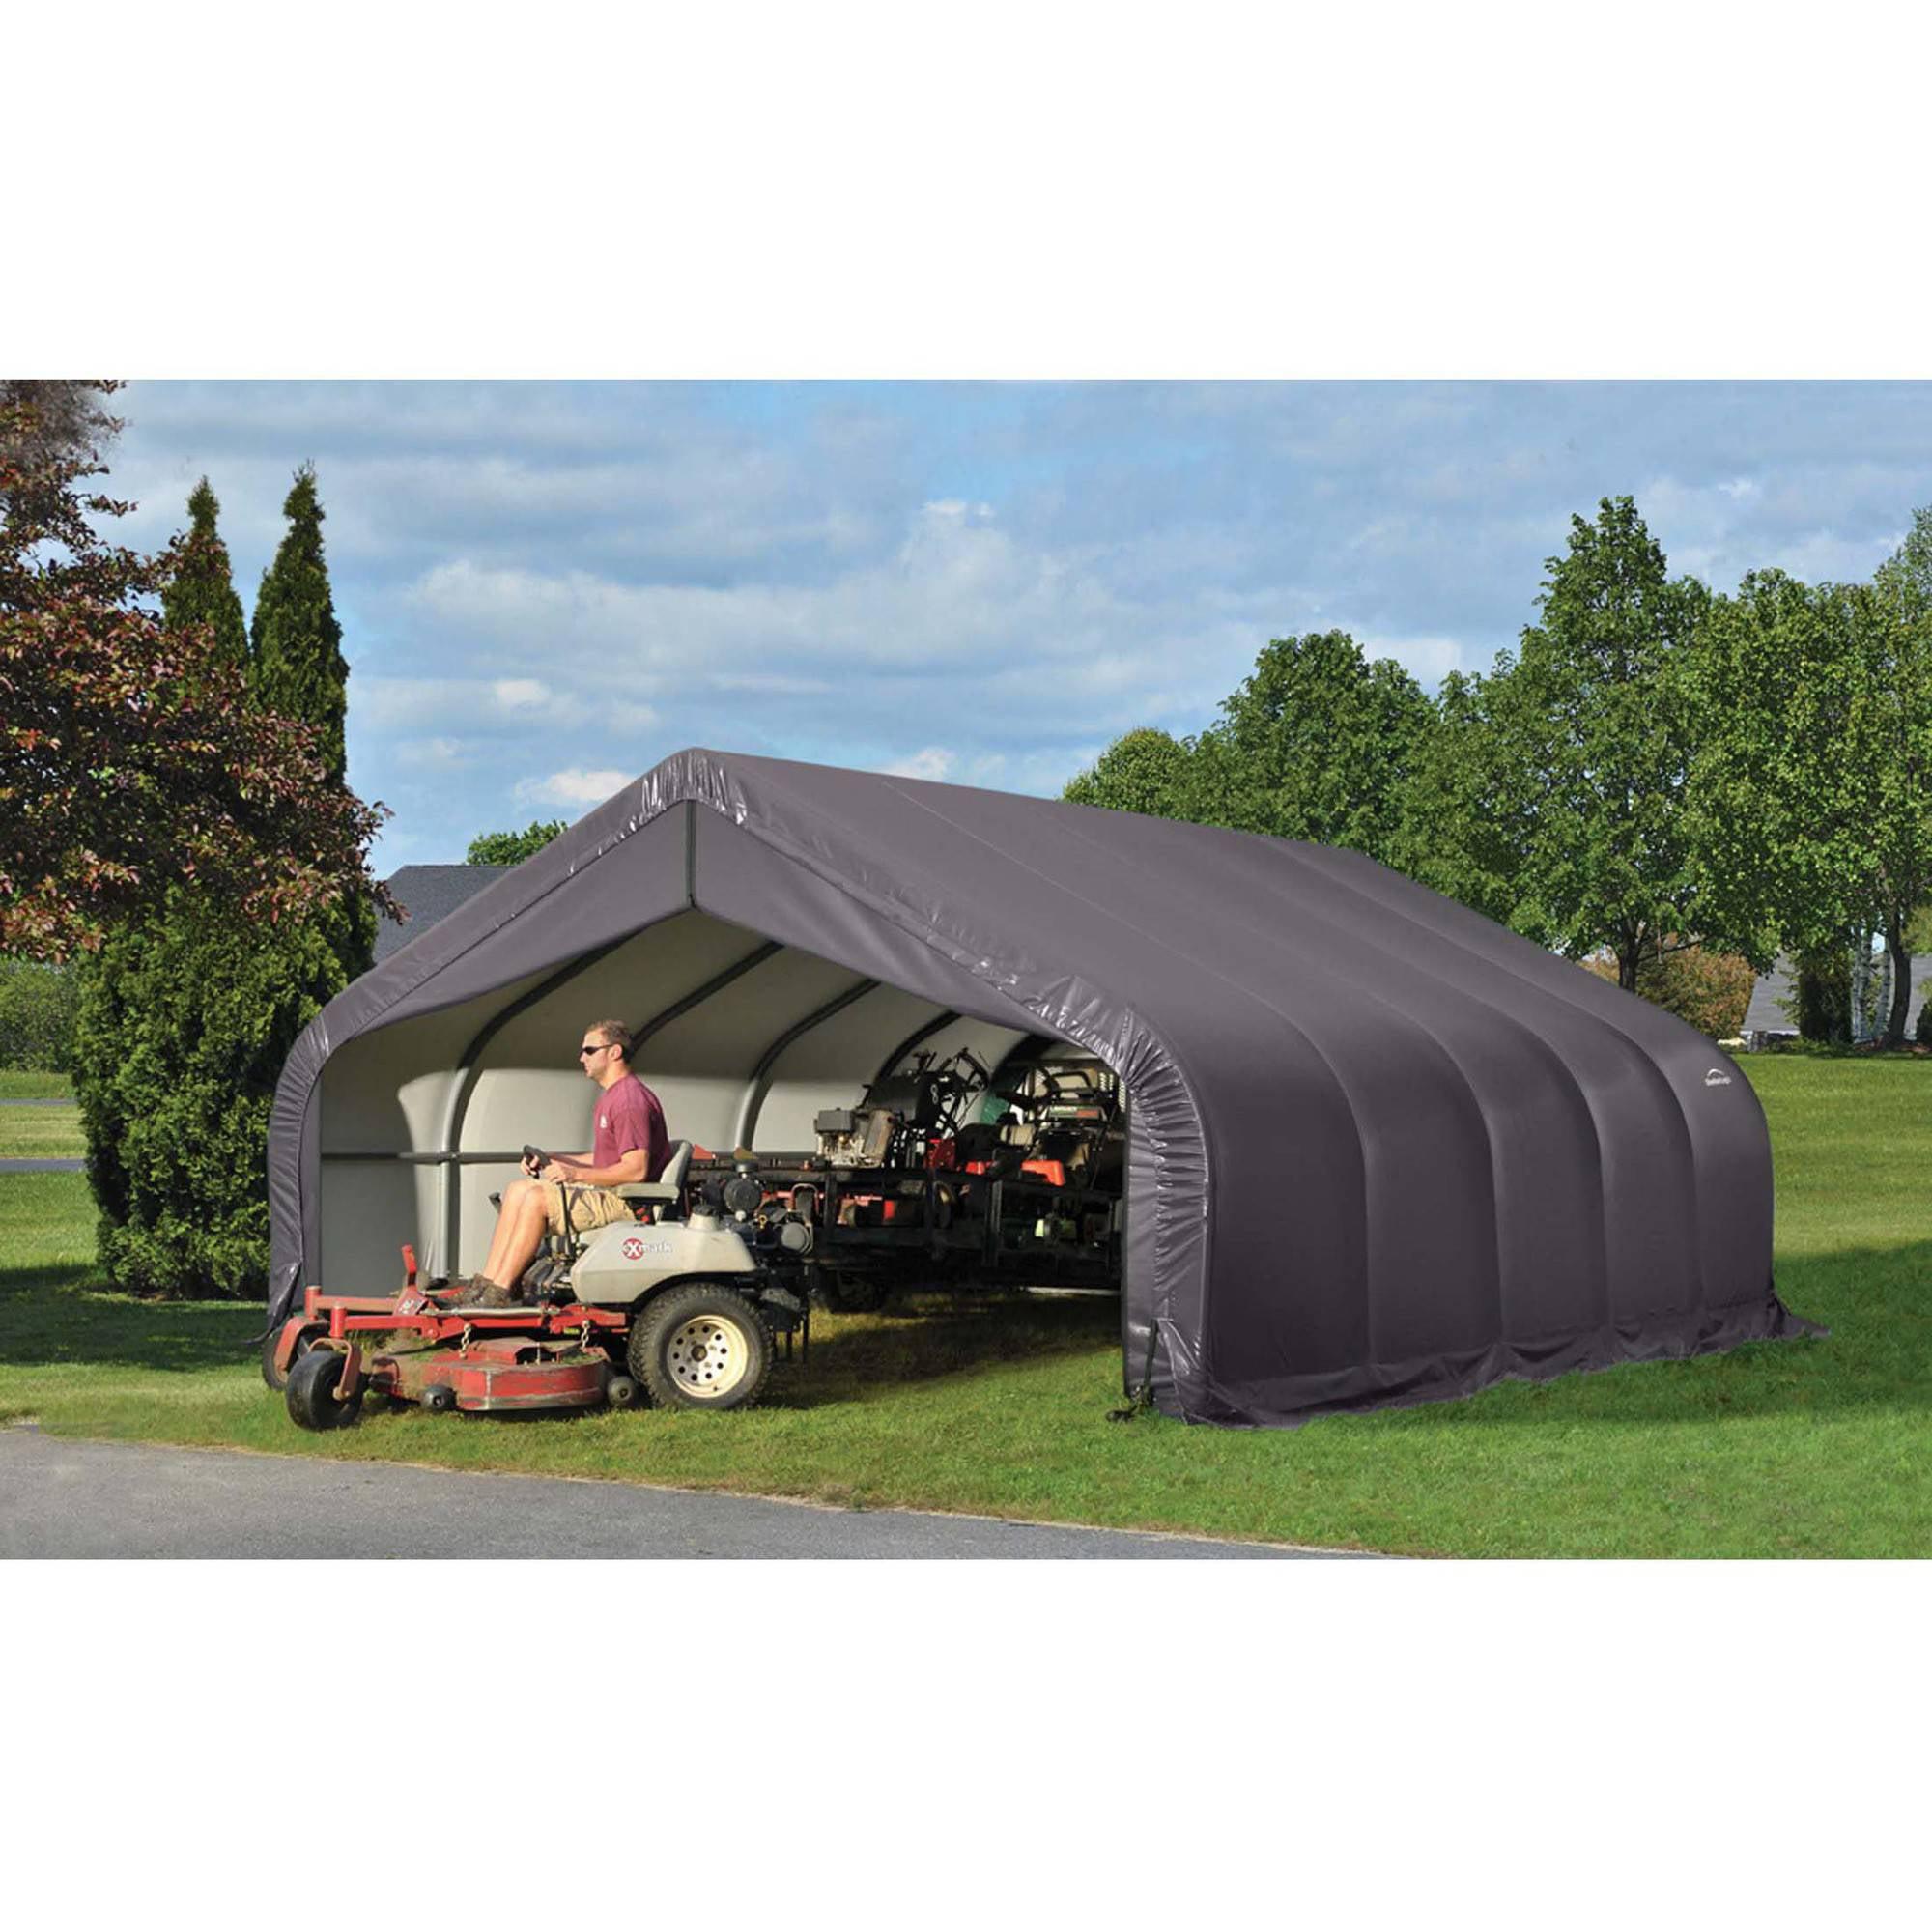 18' x 20' x 9' Peak Style Shelter, Grey Cover by ShelterLogic